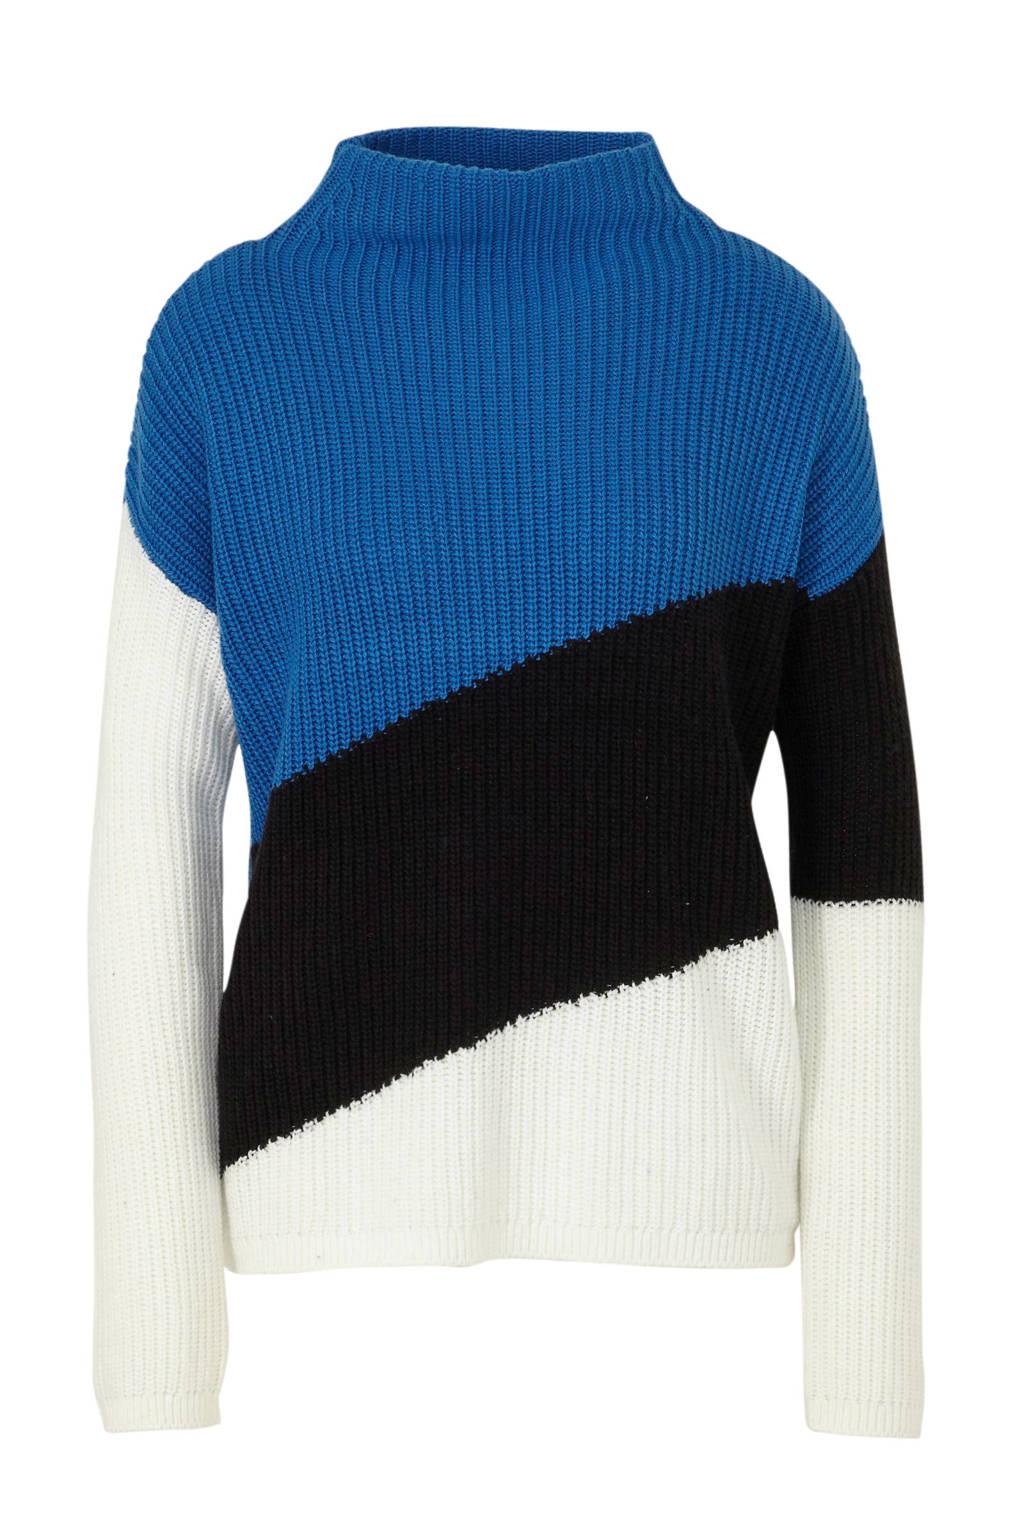 C&A Canda grofgebreide trui blauw/zwart/wit, Blauw/zwart/wit